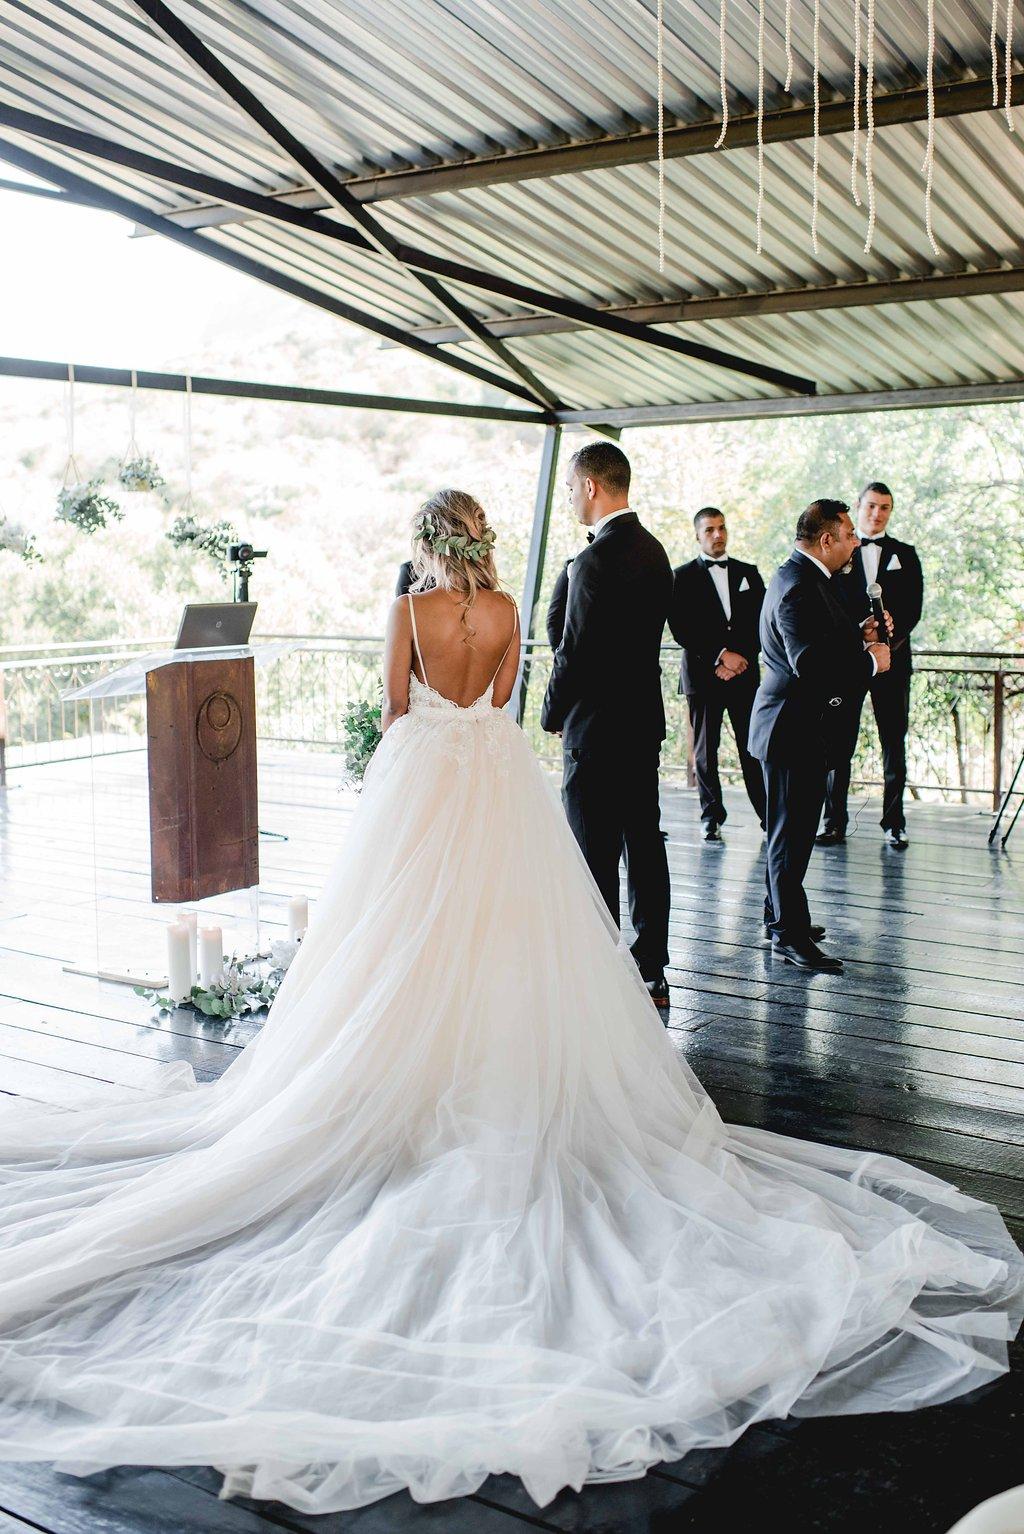 Graceful Greenery Wedding Ceremony | Image: Carla Adel